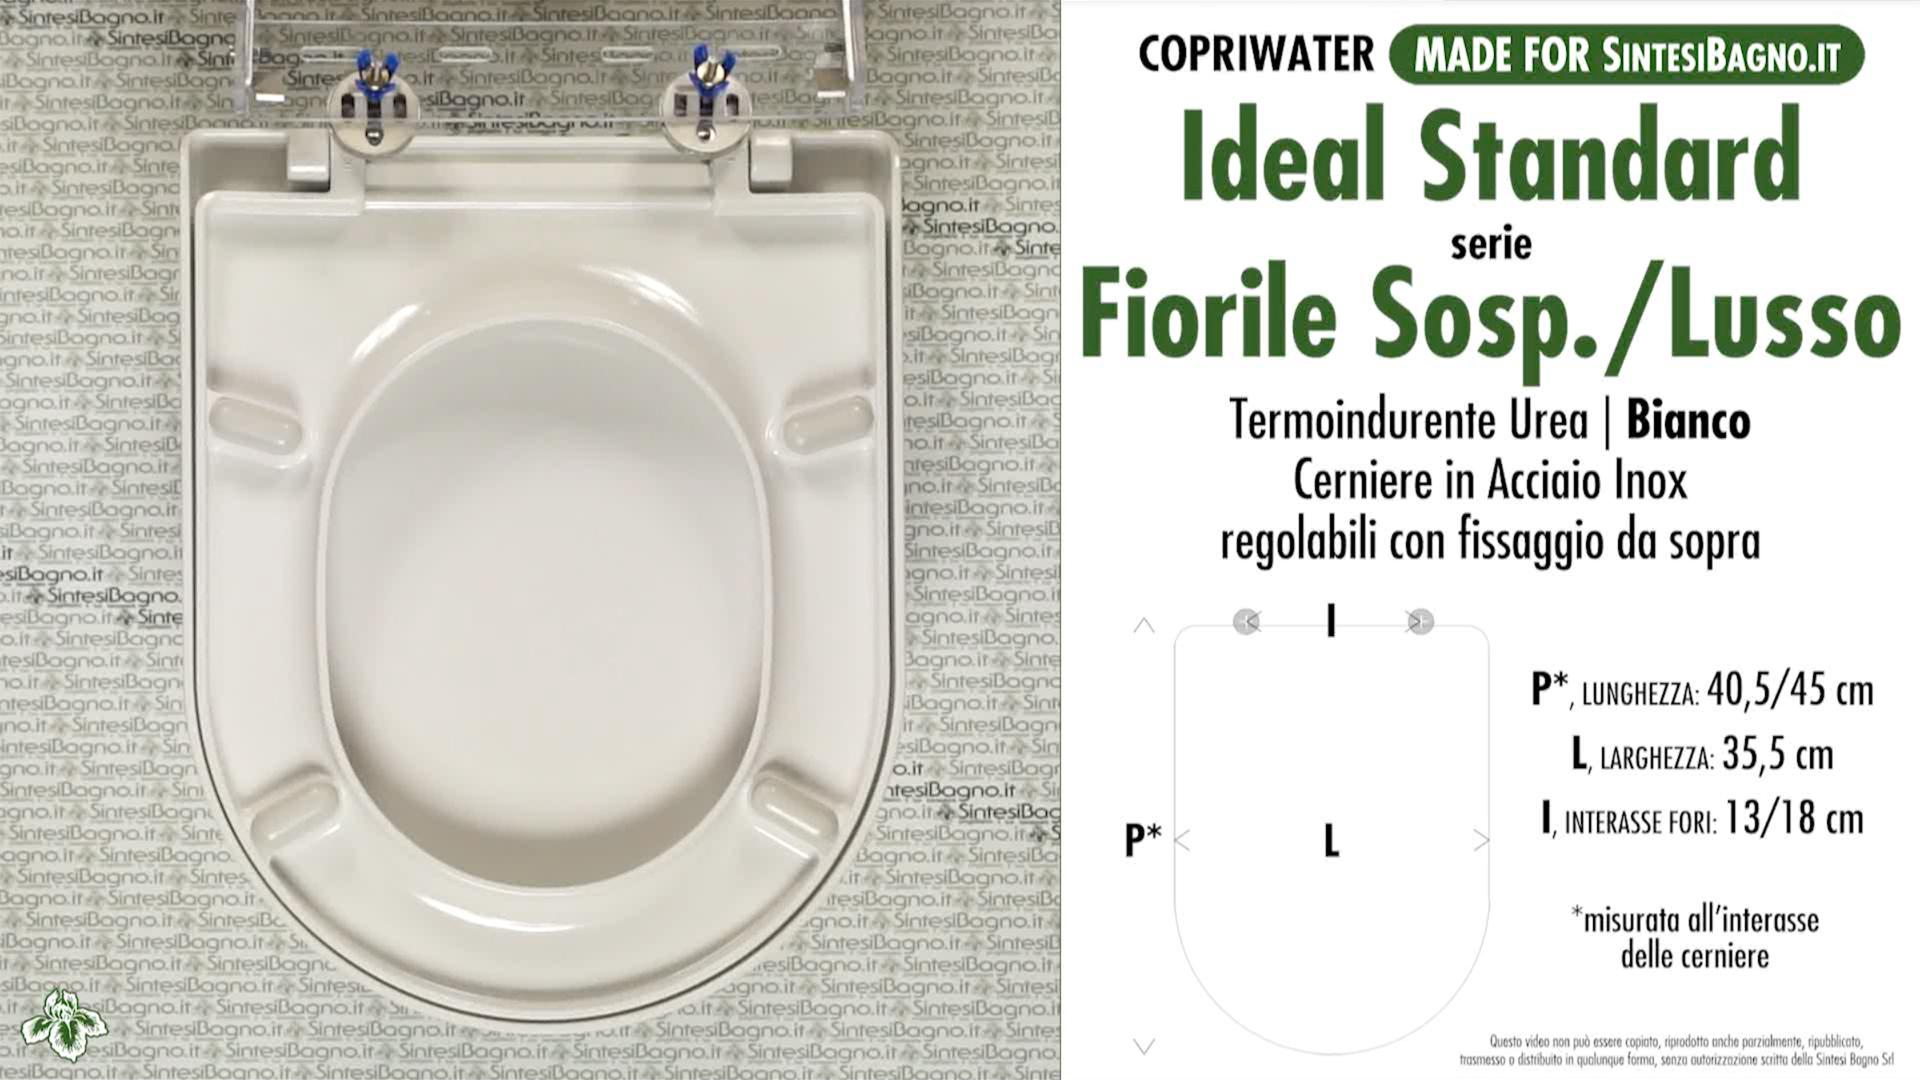 SCHEDA TECNICA MISURE copriwater IDEAL STANDARD FIORILE LUSSO SOSPESO